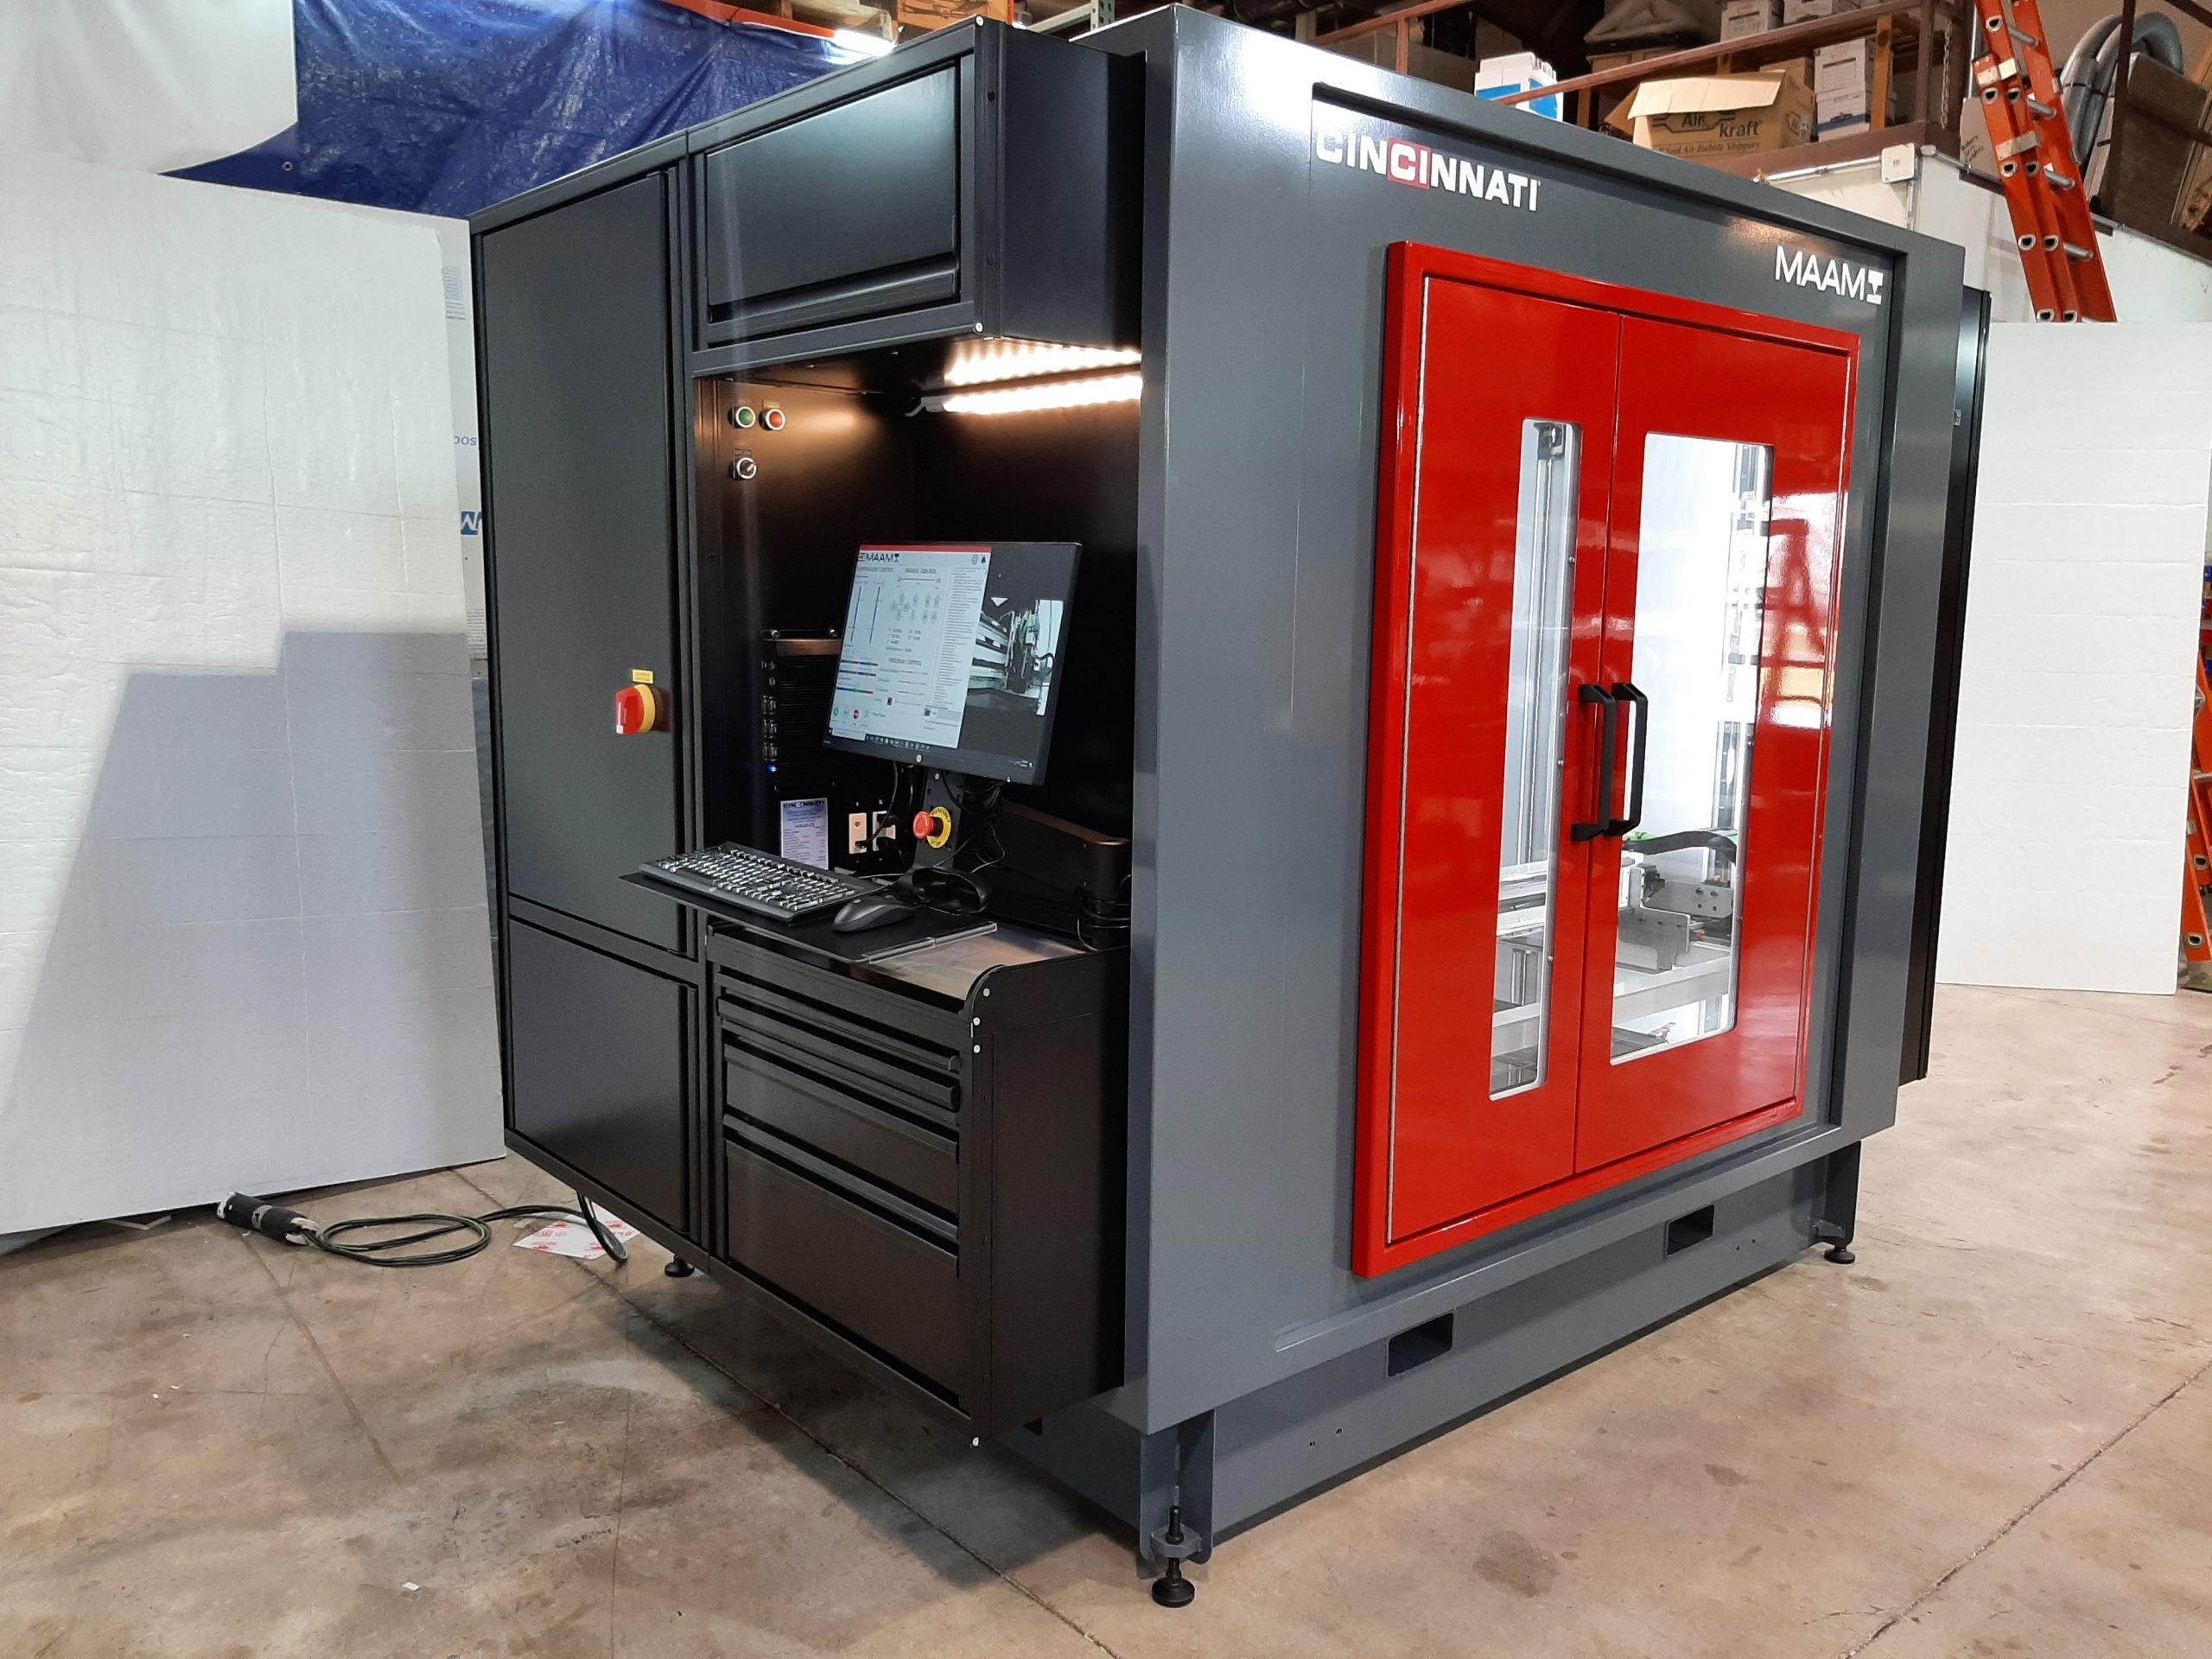 Cincinnati Inc.'s MAAM 3D printer. Photo via Cincinnati Inc.